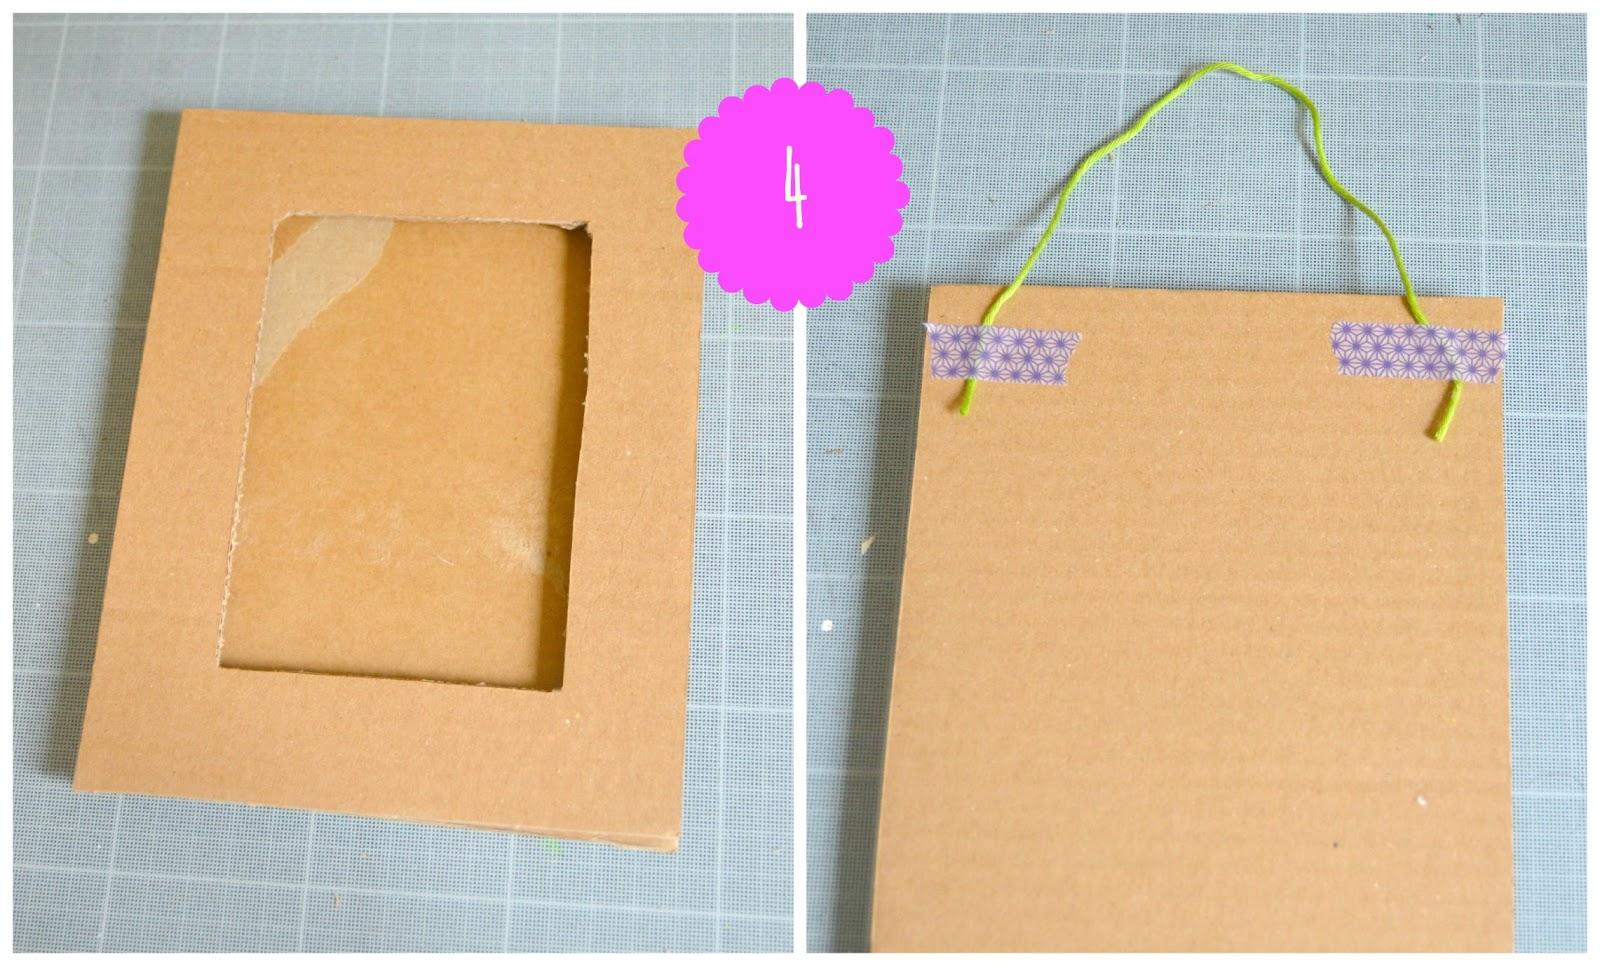 abbastanza Idee per la festa della mamma: la cornice di cartone riciclato MS02